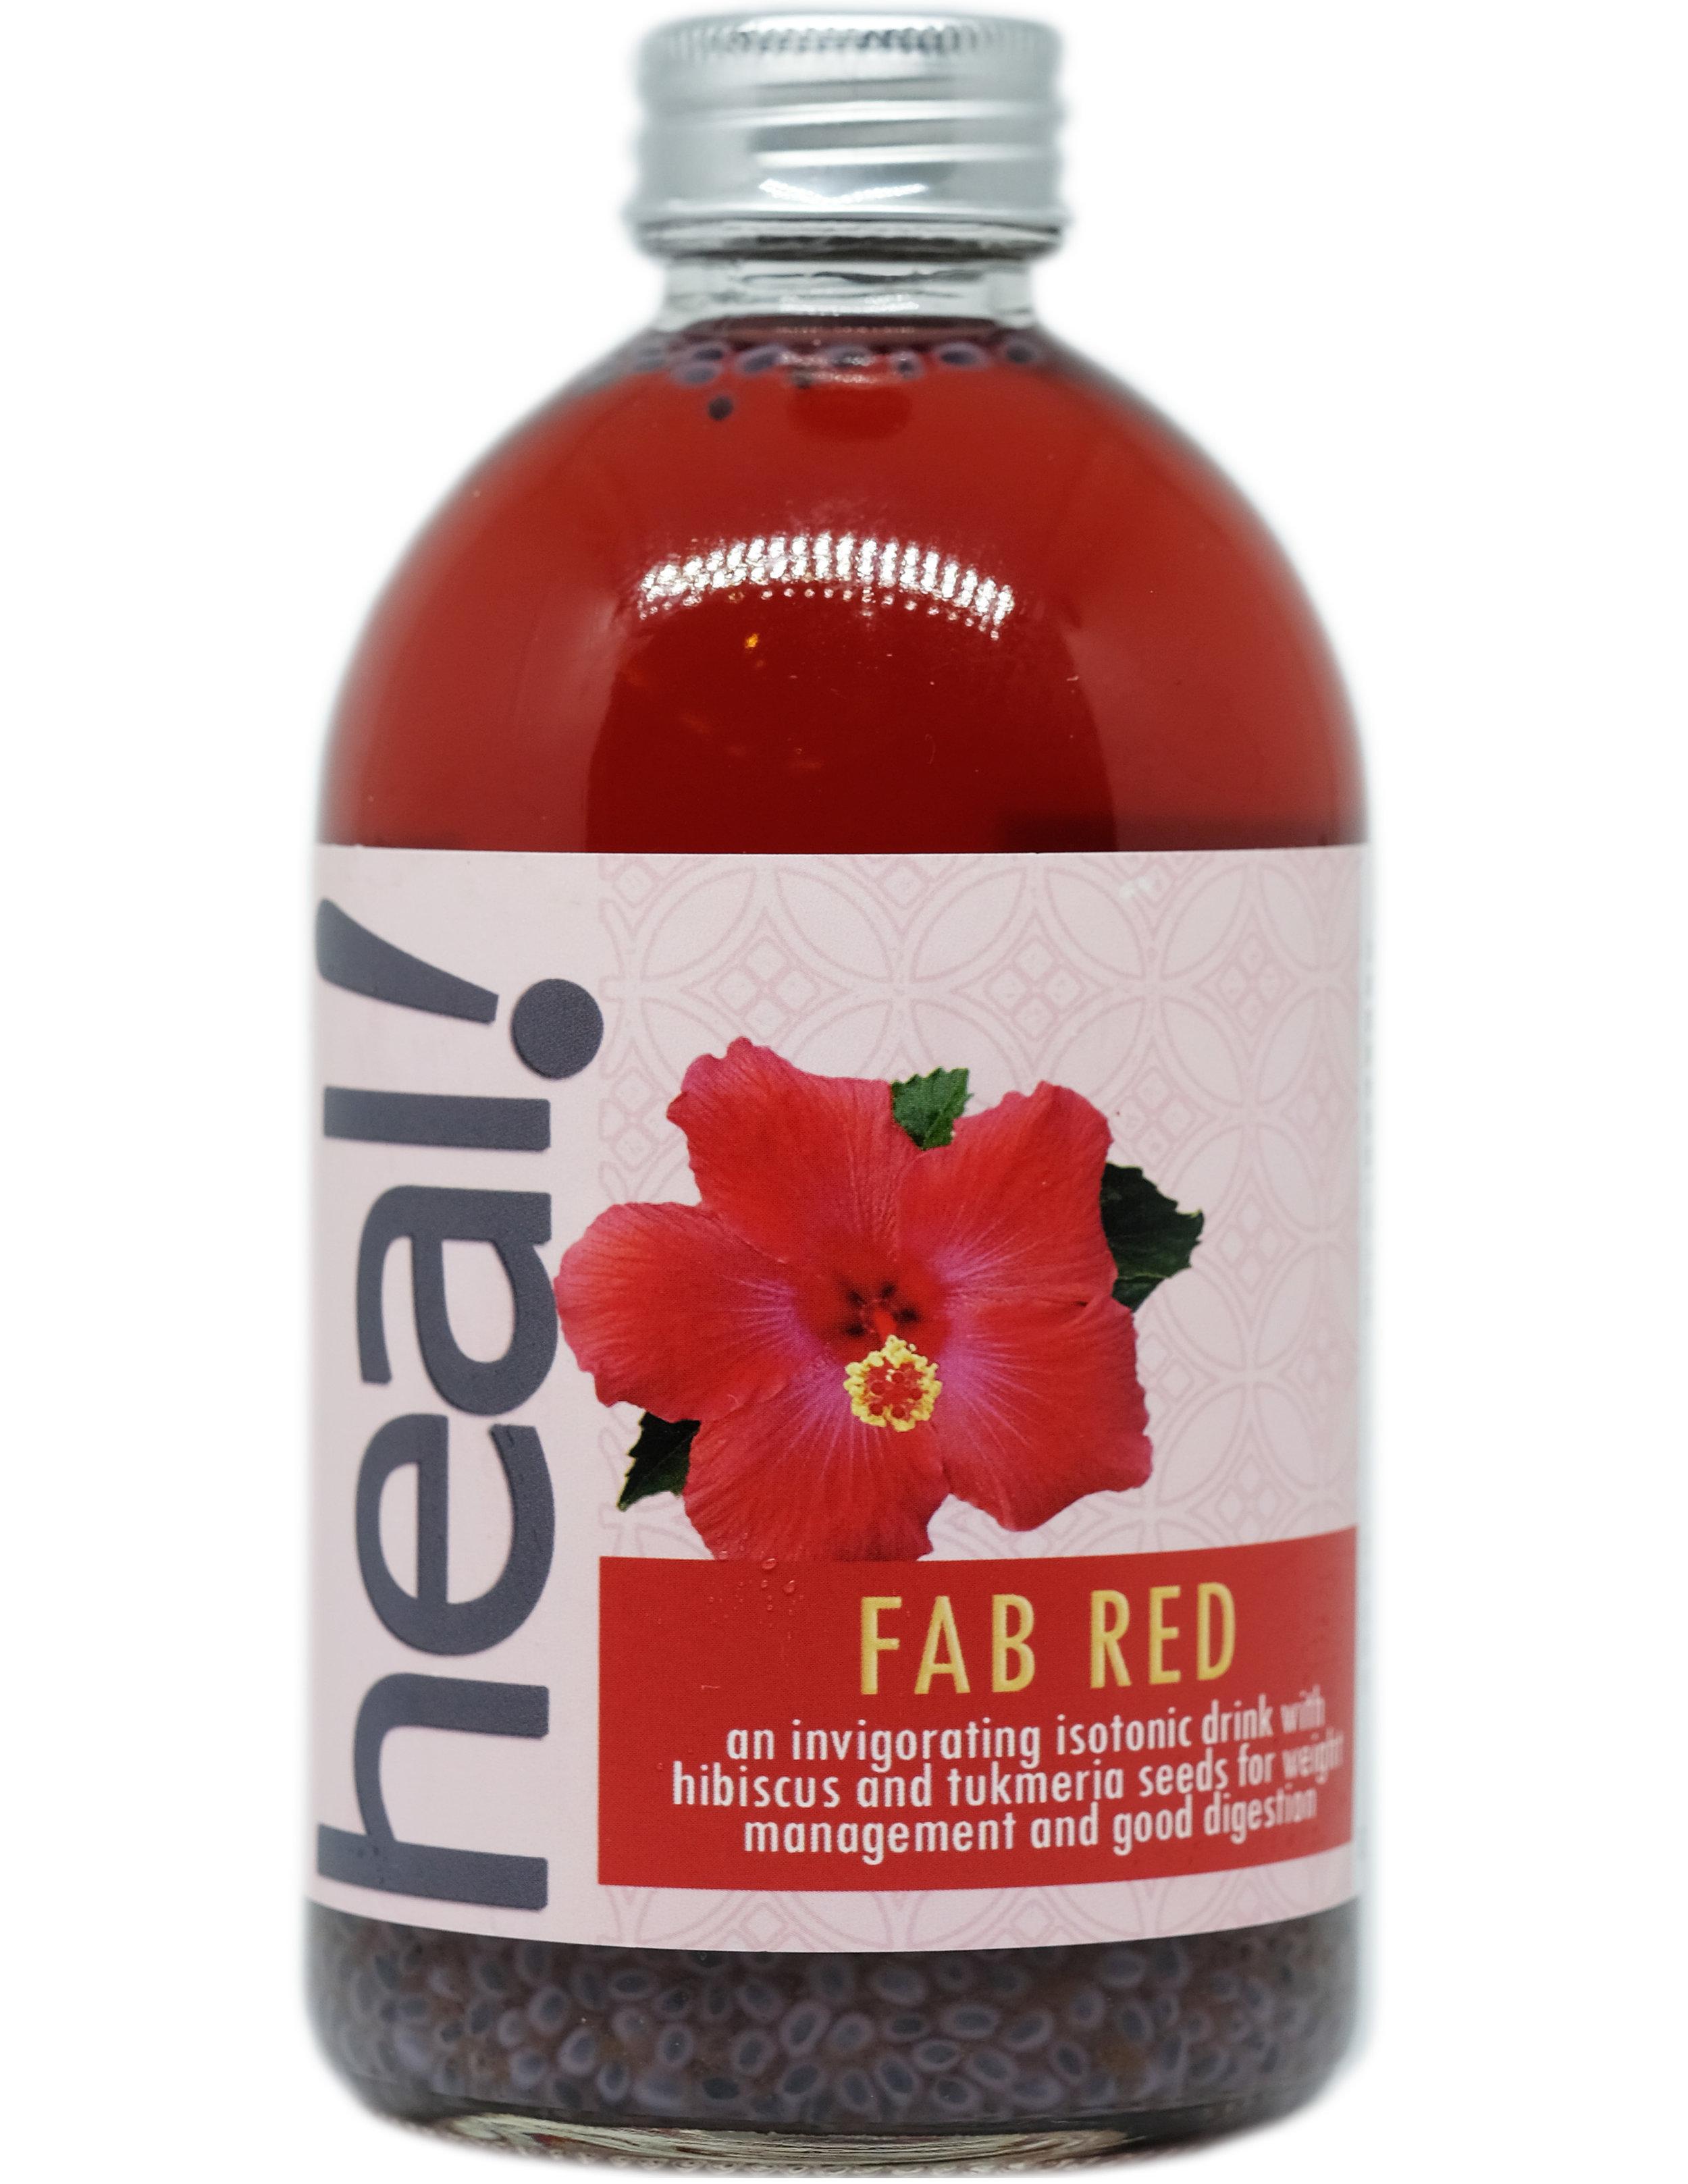 Minuman probiotik campuran Fab Red berwarna sangat cerah karena campuran teh rosela. Rosela sangat kaya dengan vitamin C, mineral dan antioksidan. Rosela membantu fungsi hati dan menurunkan berat badan. Selasih ditambahkan dalam Fab Red ini karena khasiat selasih dalam menurunkan suhu badan dengan cepat, menurunkan kadar gula darah, mengandung serat tinggi, dan menurunkan berat badan. Selasih juga mempunyai rasa yang sangat bersahabat.  Fab Red termasuk minuman isotonik, yang berarti berviskositi sama dengan sel-sel tubuh, menjadikan minuman ini baik sebagai pengganti keringat dan ion-ion hilang setelah jatuh sakit.  Komposisi: Air Mineral, Kultur Kombucha, Kultur Water Kefir, Teh Rosela, Selasih, Daun Mint, Teh Jawa Oolong, Gula Tebu Alami  Kalori 35, Gula 4 gram per 175 ml sebelum fermentasi kedua yang membuat kadar kalori dan gula akan menjadi lebih rendah lagi.  Minuman ini dikemas dalam botol gelas, 100% recyclable, reusable, dan  refundable . 370 ml.  RESEP  klik di sini   KONTAK KAMI  klik di sini